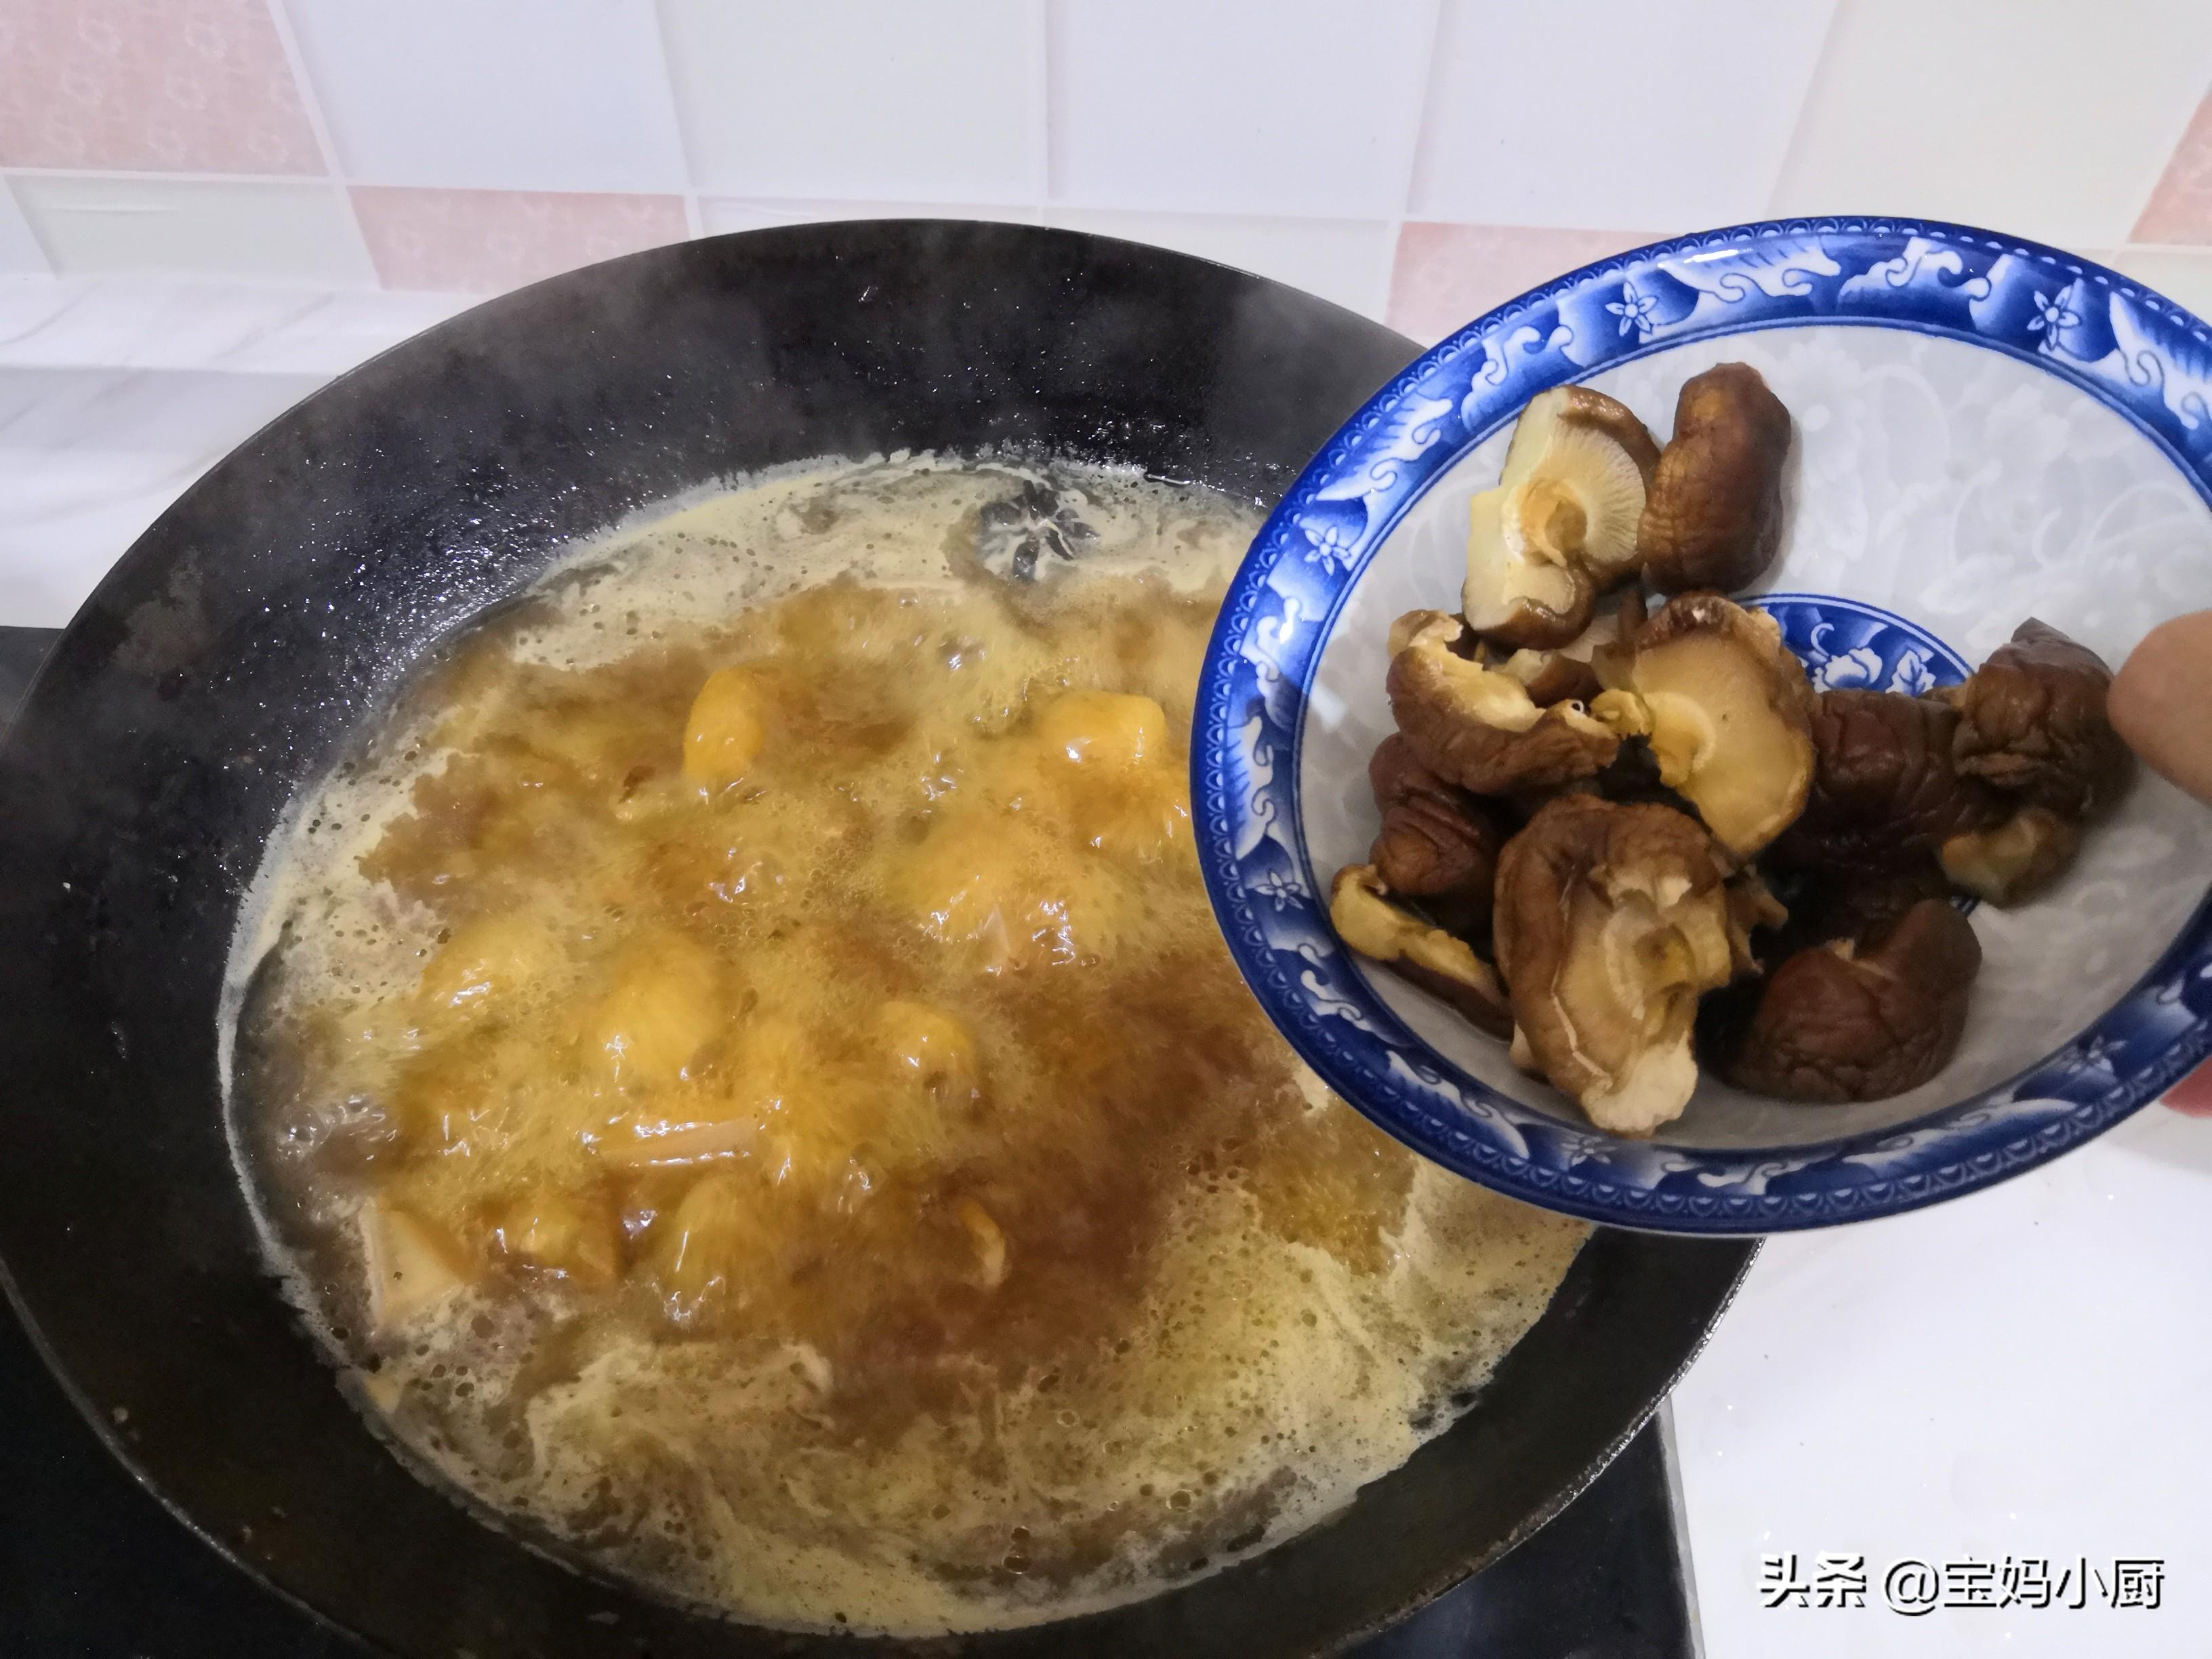 豬肉用上這做法,營養多不油膩,一鍋菜吃全家,吃了這頓想下頓